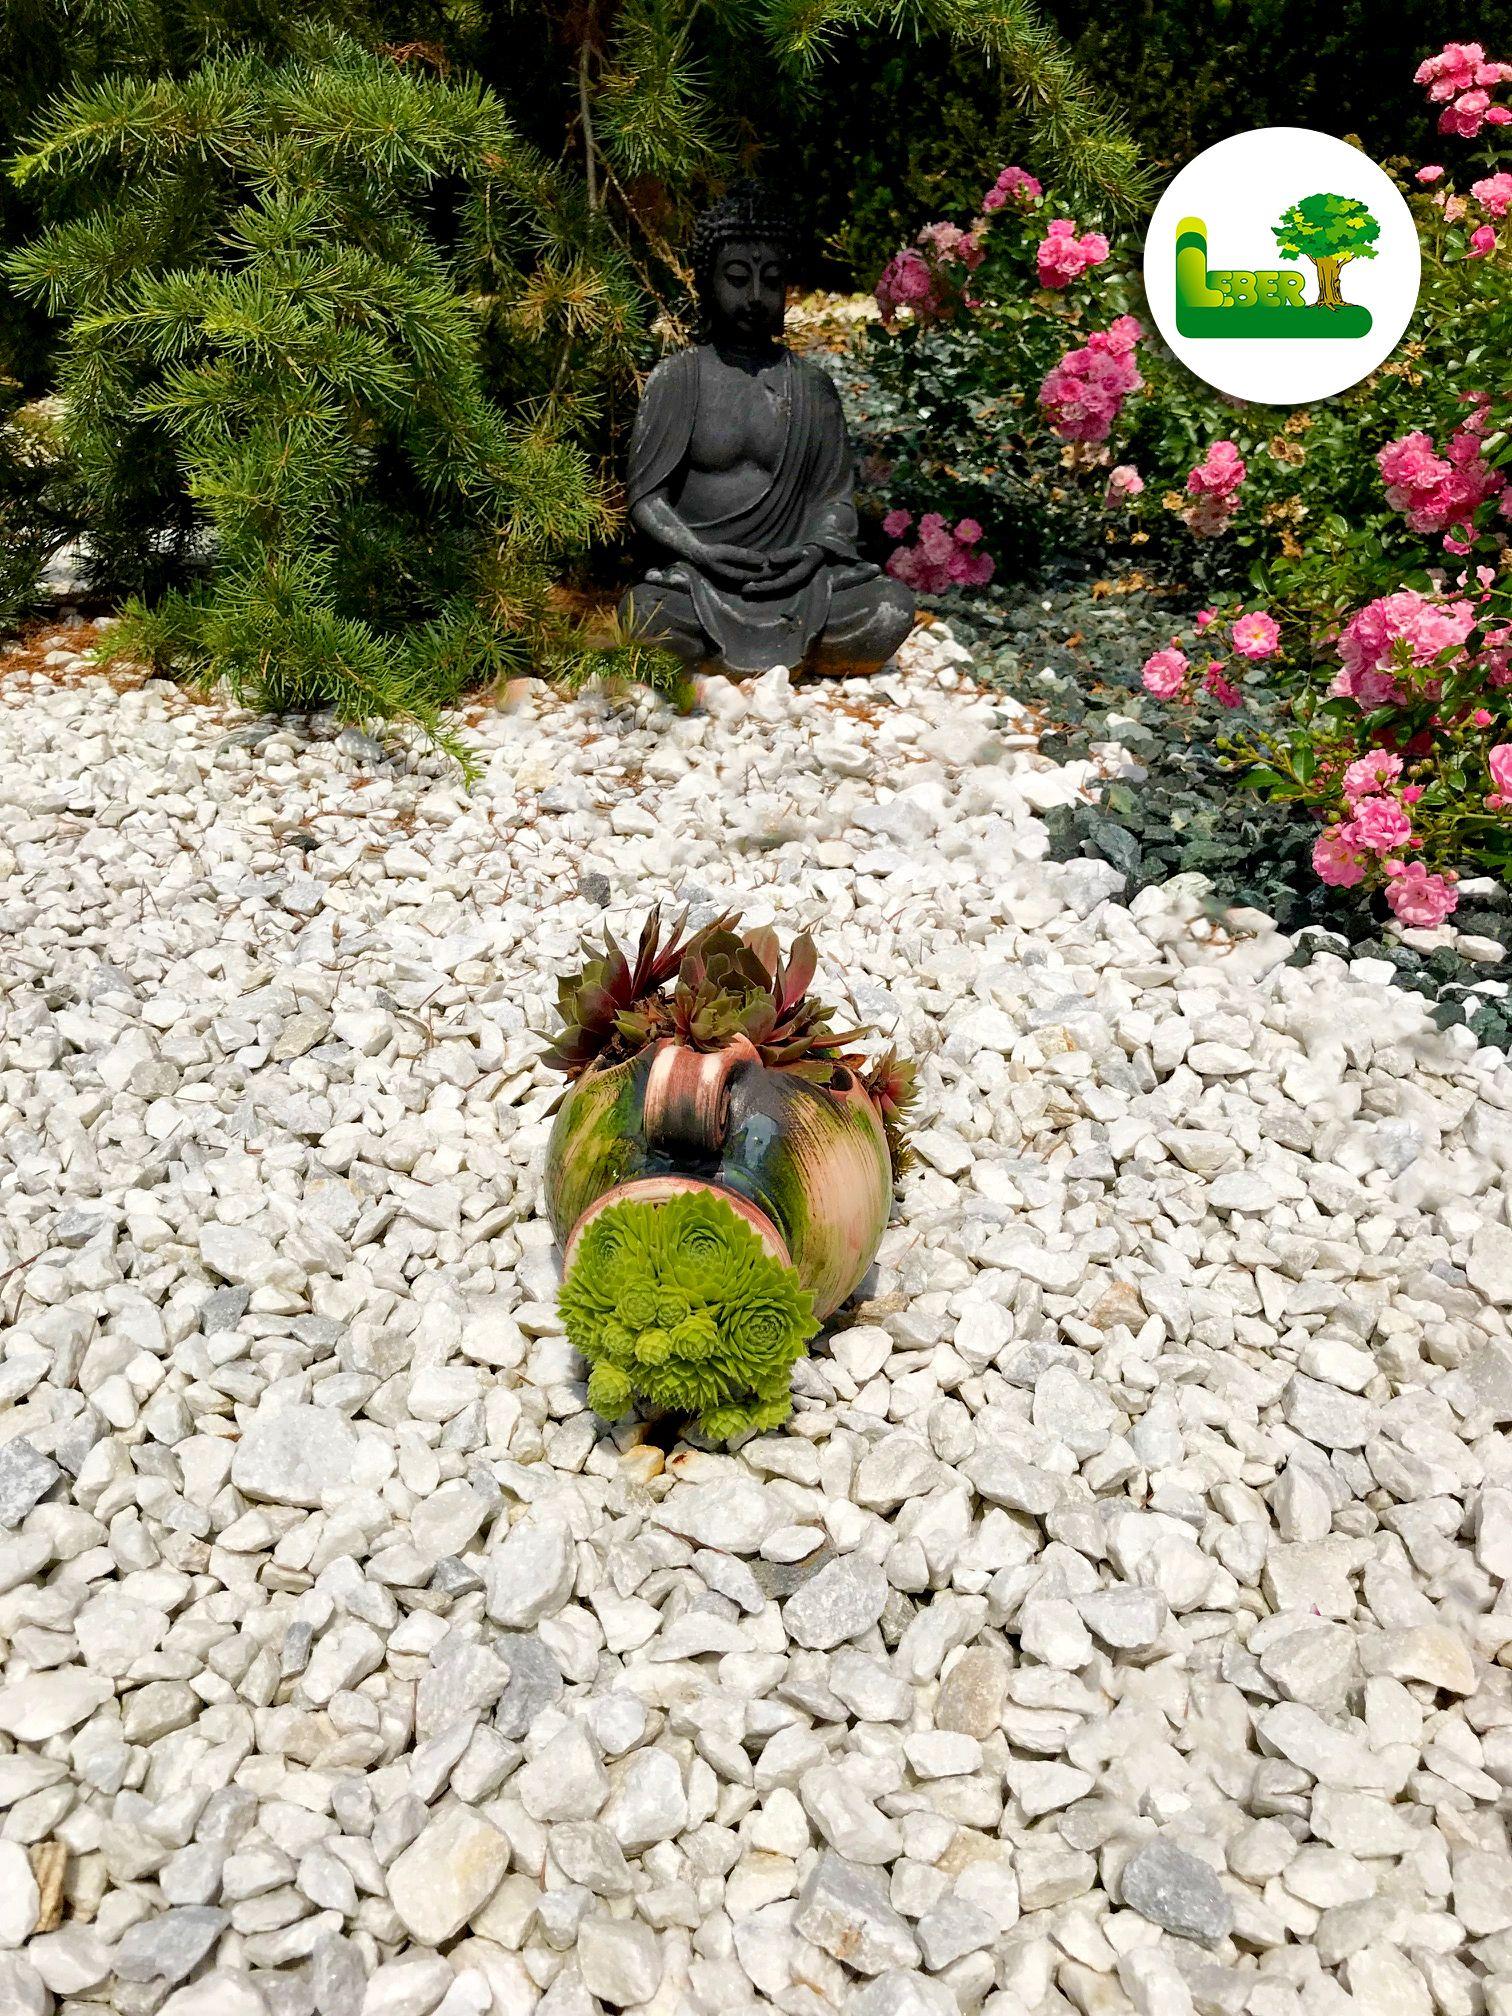 Ein Einfacher Steingarten Mit Zierlicher Gartendeko So Konnen Sie Ihren Garten Sehr Gunstig Und Pflegeleicht Gestalte Gartengestaltung Garten Steingarten